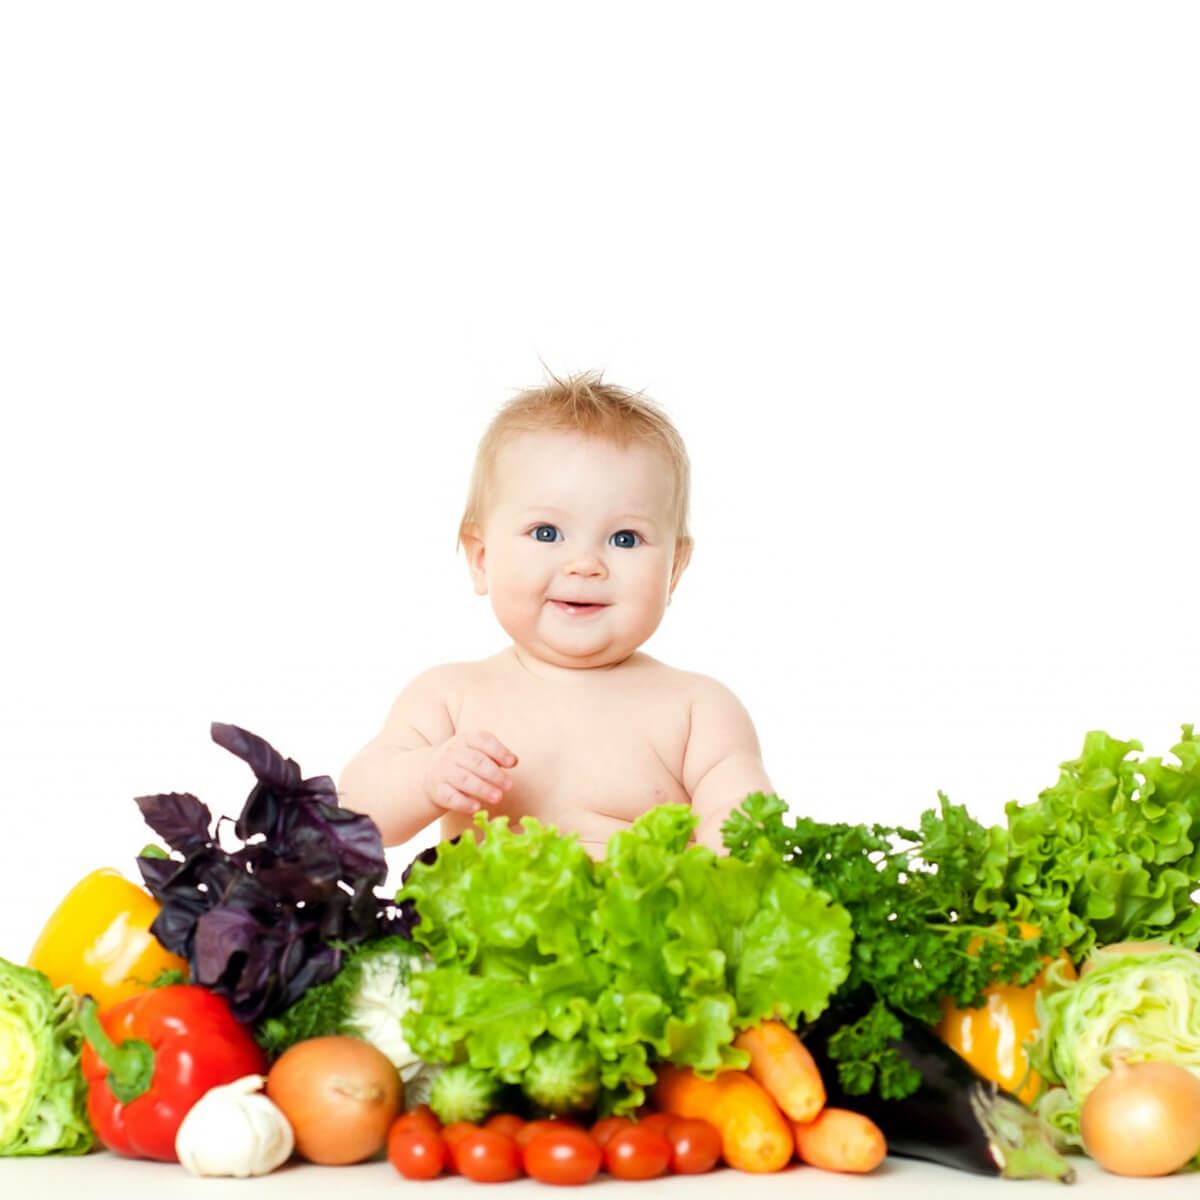 غذا های سرشار از آهن برای مقابله با کمبود آهن در کودکان و نوزادان